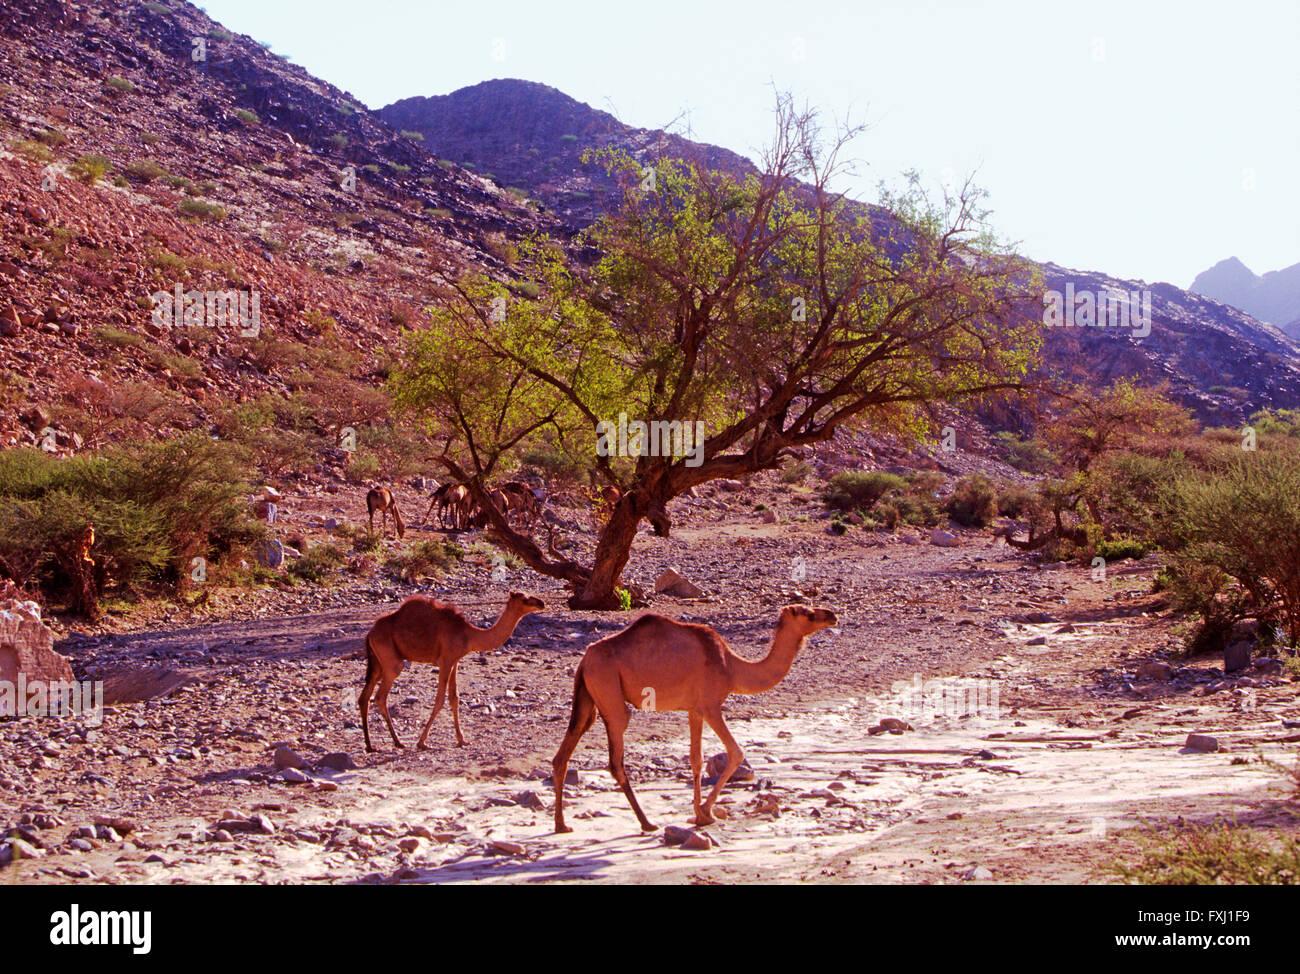 Dromedario camello forrajes para alimento en las colinas cercanas a Bishah, Reino de Arabia Saudita Imagen De Stock